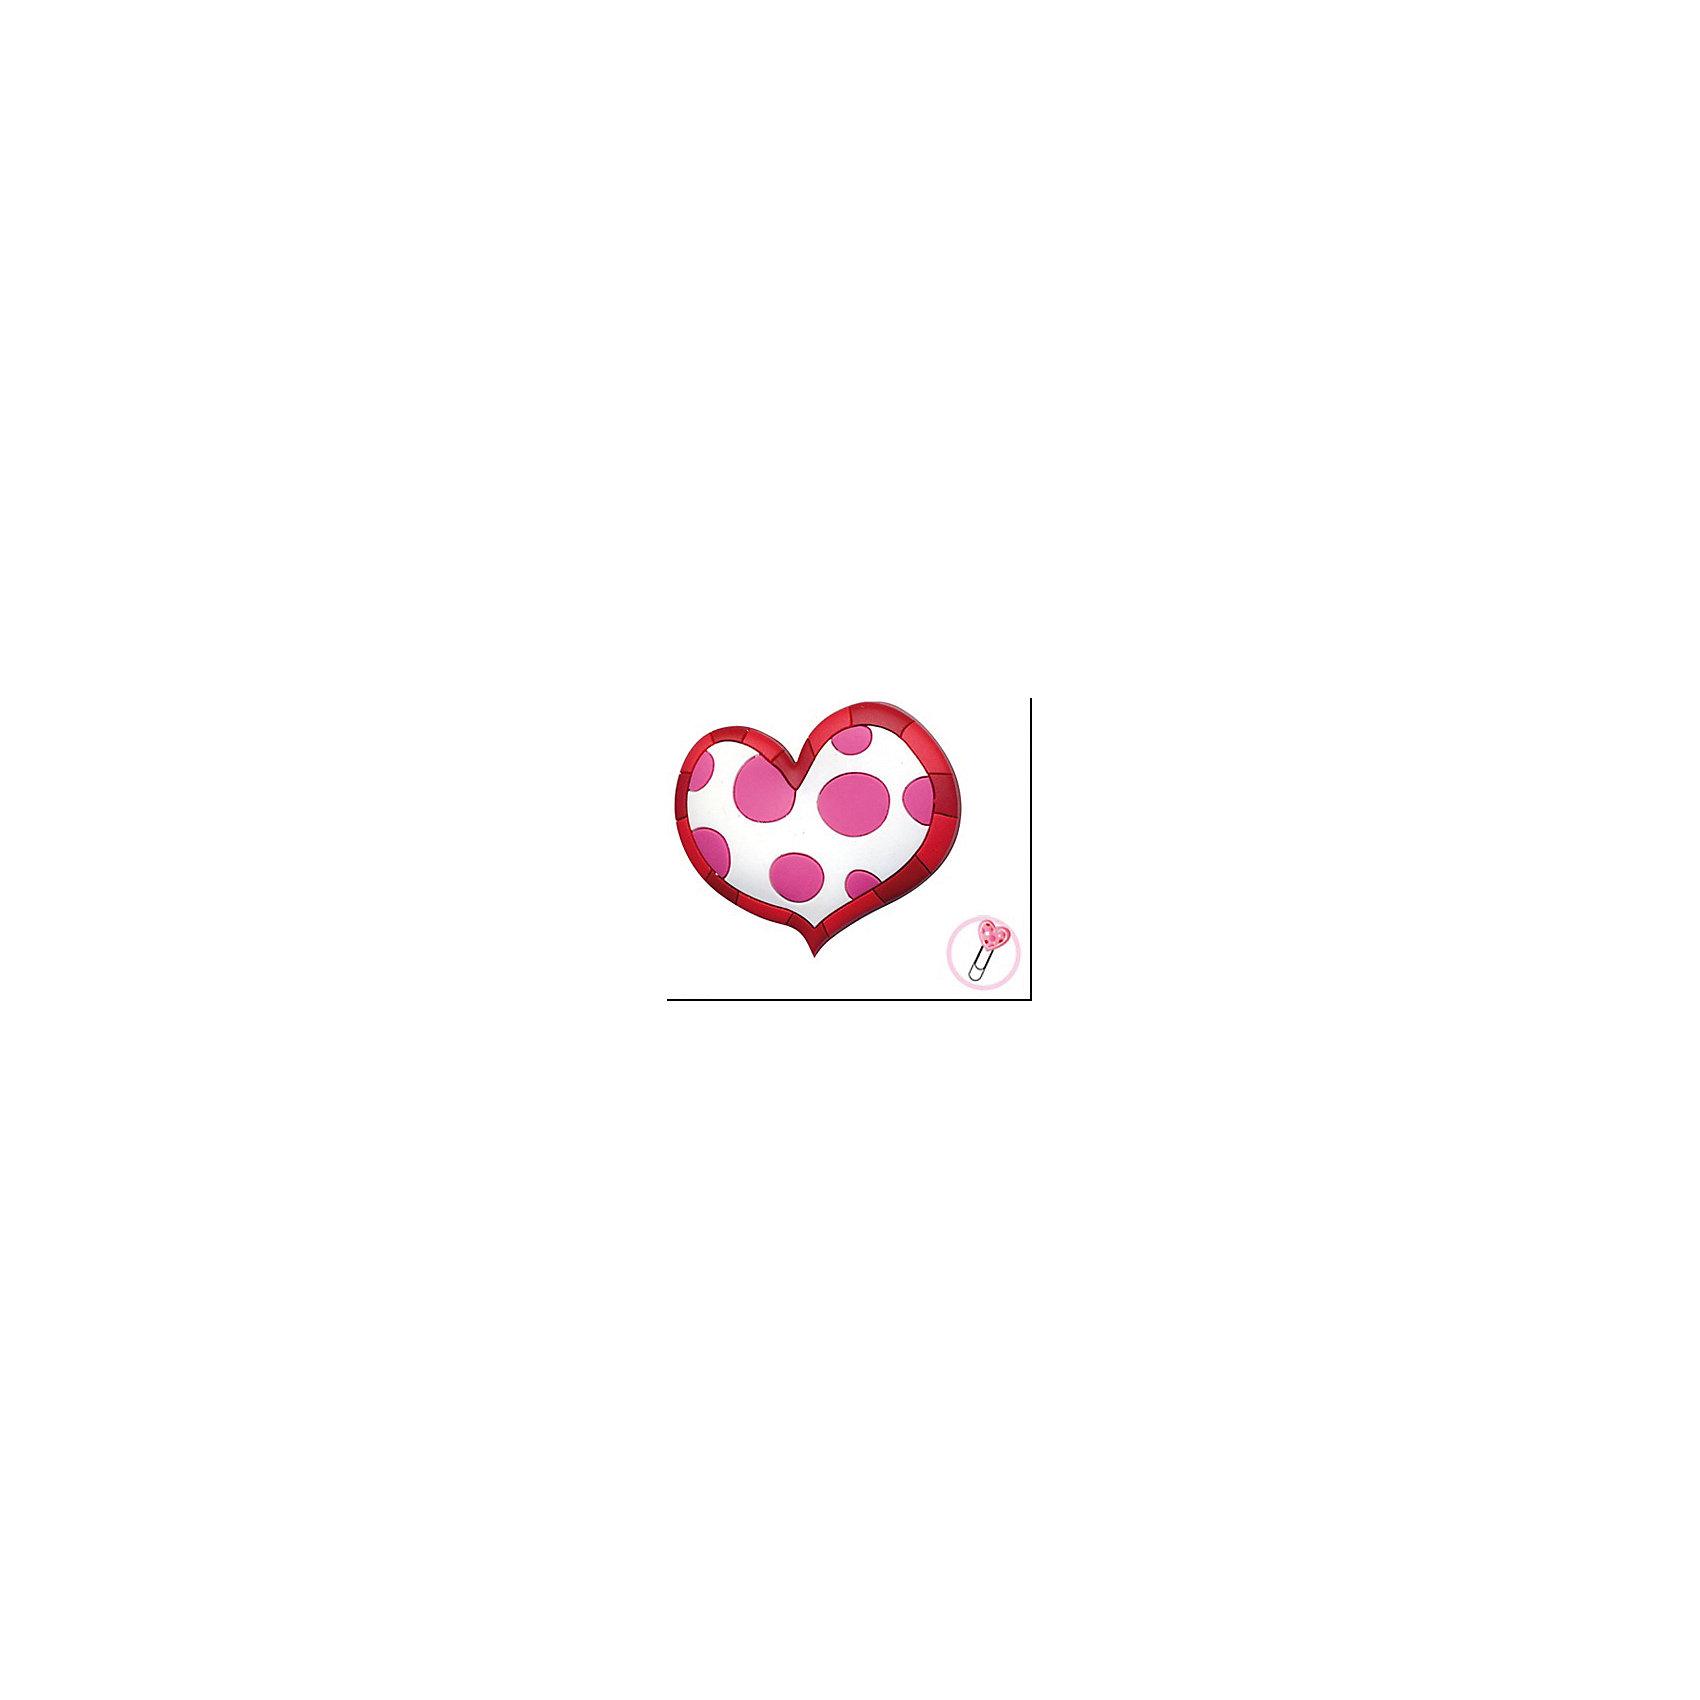 Закладка-сувенир для книг Пятнистое сердцеЗакладка-сувенир для книг Пятнистое сердце станет приятным и романтичным аксессуаром на день всех влюбленных или еще одним поводом порадовать близкого человека. Сувенир выполнен в виде белого сердечка в розовый горошек, по краям украшен контурной линией. Оснащен скрепкой, которая служит закладкой для страниц. <br><br>Дополнительная информация:<br><br>- Материал: ПВХ.<br>- Размер сувенира: 13 см.<br><br>Закладку-сувенир для книг Пятнистое сердце, Премьер-игрушка, можно купить в нашем интернет-магазине.<br><br>Ширина мм: 130<br>Глубина мм: 5<br>Высота мм: 20<br>Вес г: 6<br>Возраст от месяцев: 72<br>Возраст до месяцев: 2147483647<br>Пол: Унисекс<br>Возраст: Детский<br>SKU: 4512291